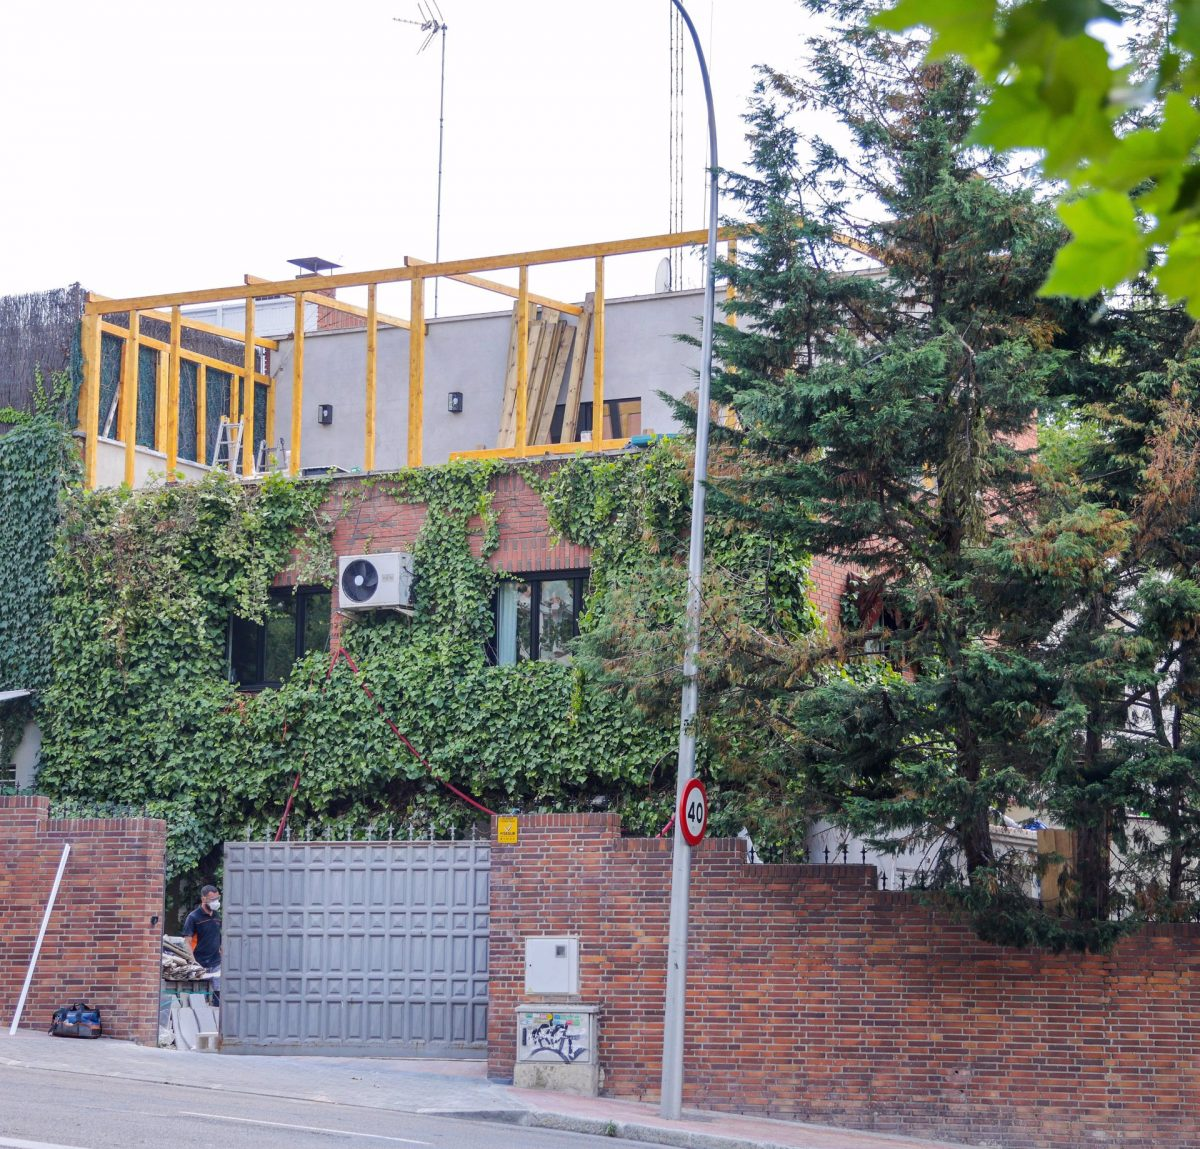 Aitana y Miguel Bernardeau ya viven juntos en esta casa, aquí en obras